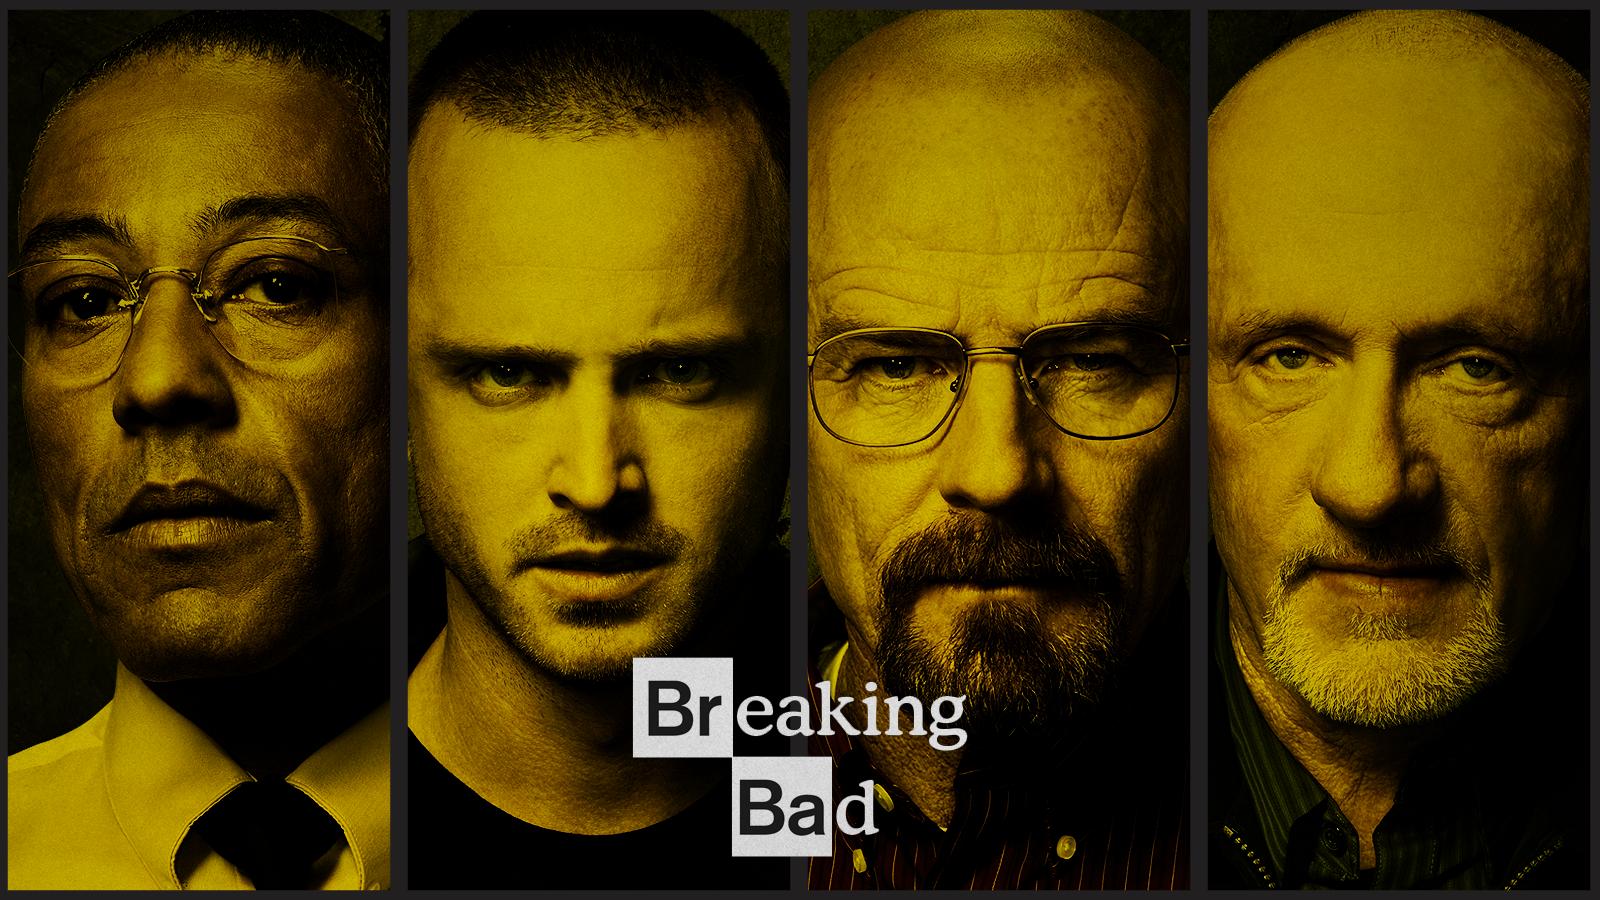 در دهمین سالگرد Breaking Bad: مصاحبه با نویسندههای این سریال ـ قسمت اول